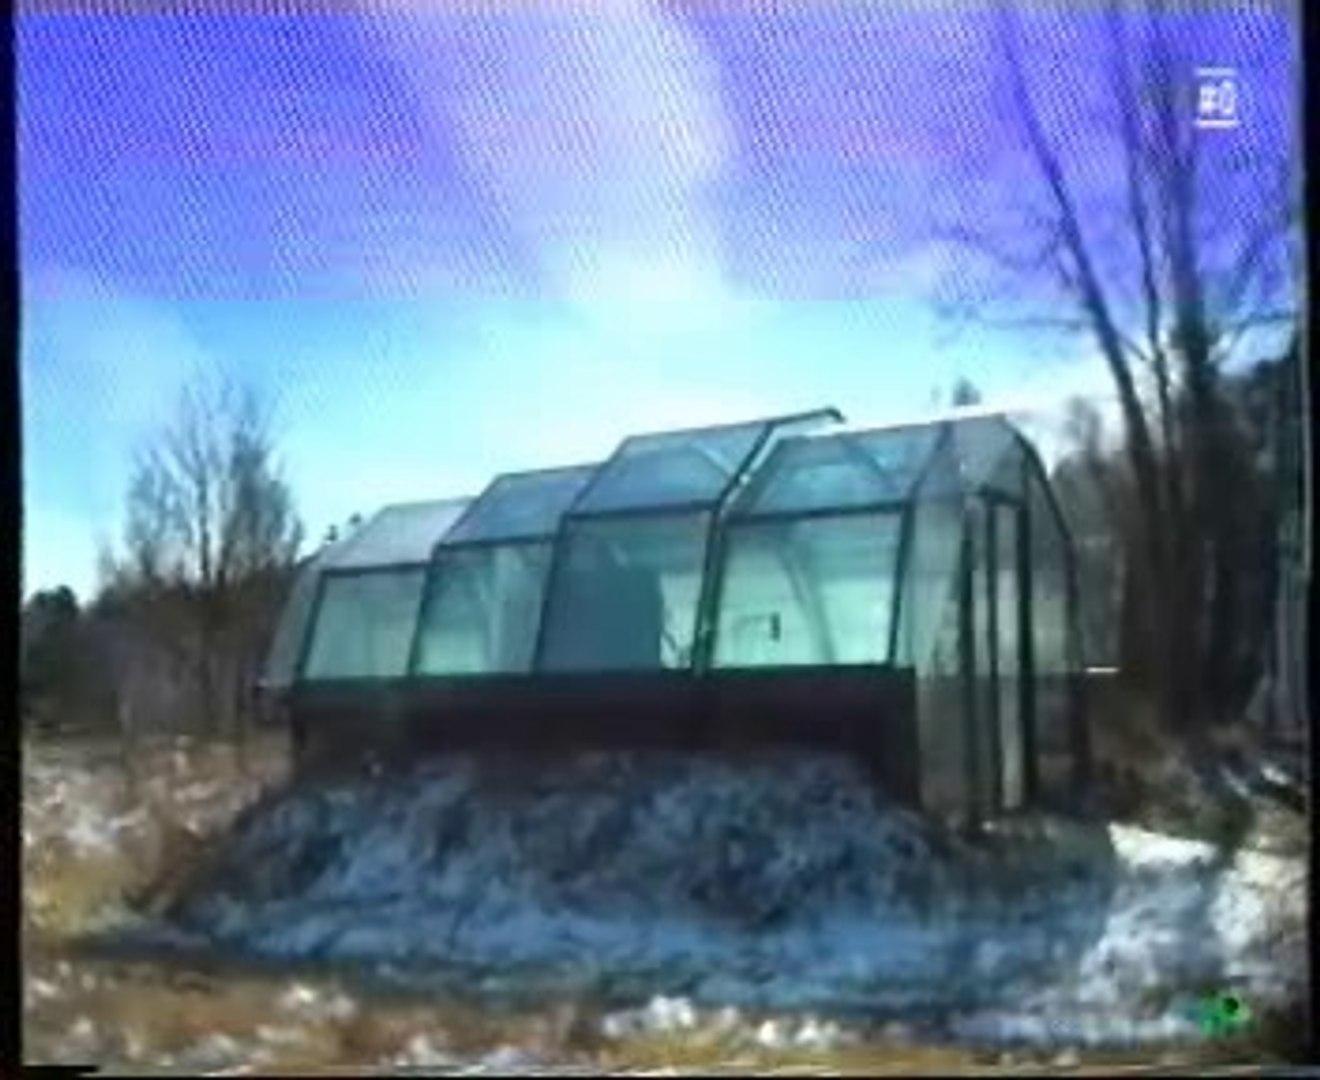 Jet lag: Luz natural y sueño (La casa de cristal)